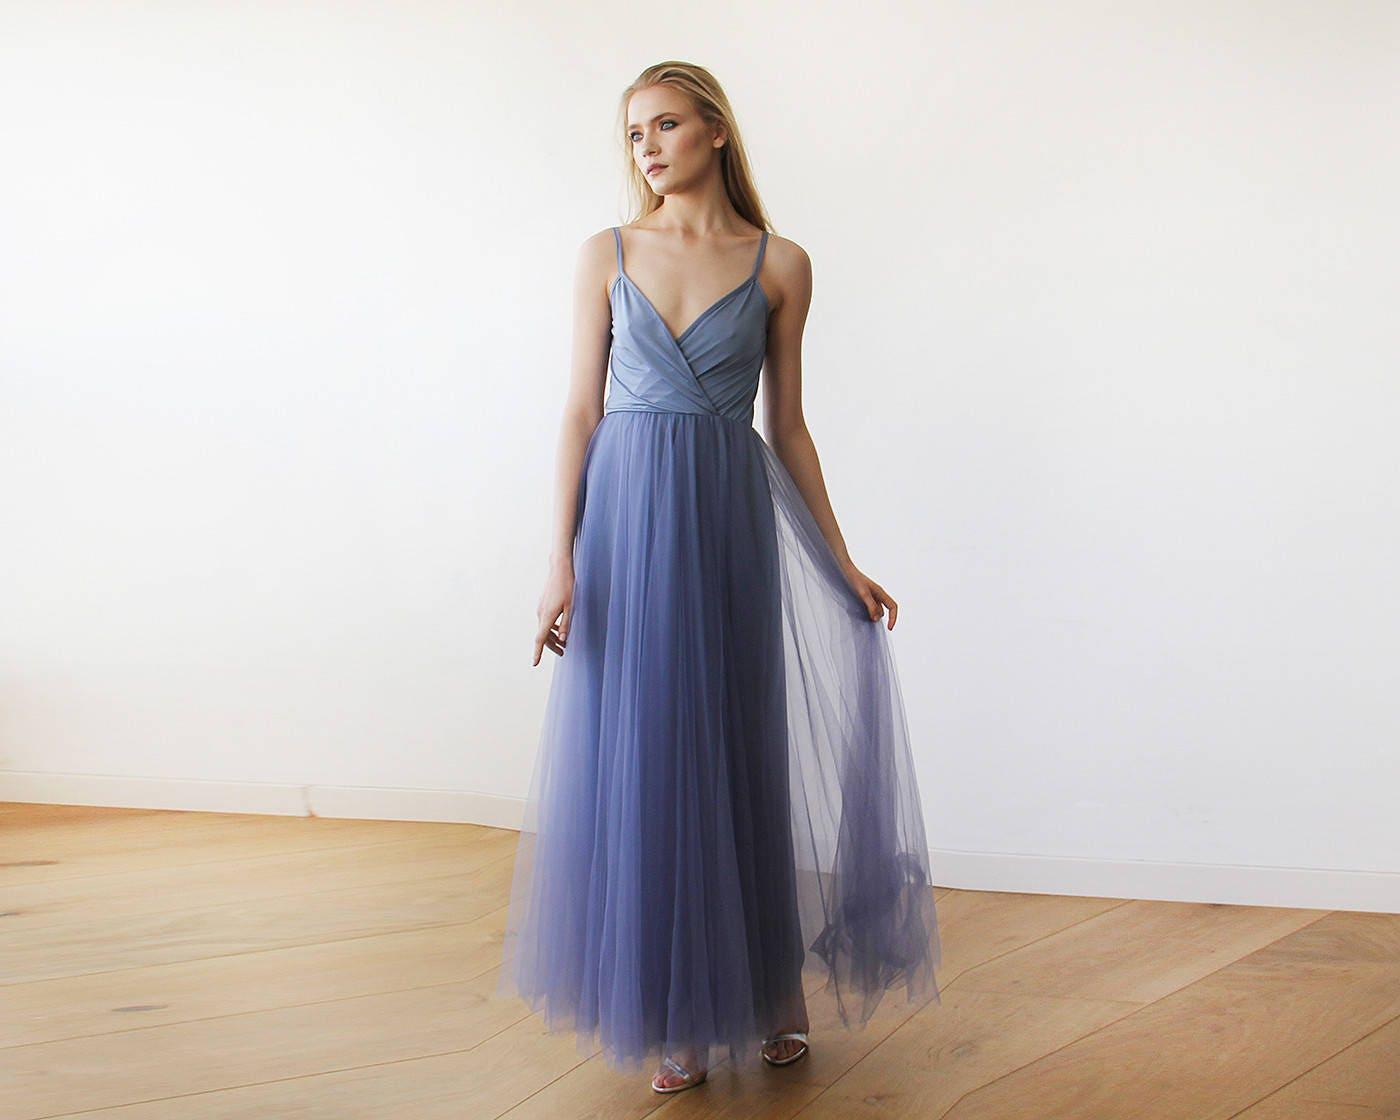 Ungewöhnlich Brautjunferkleider Staubig Blau Galerie - Brautkleider ...